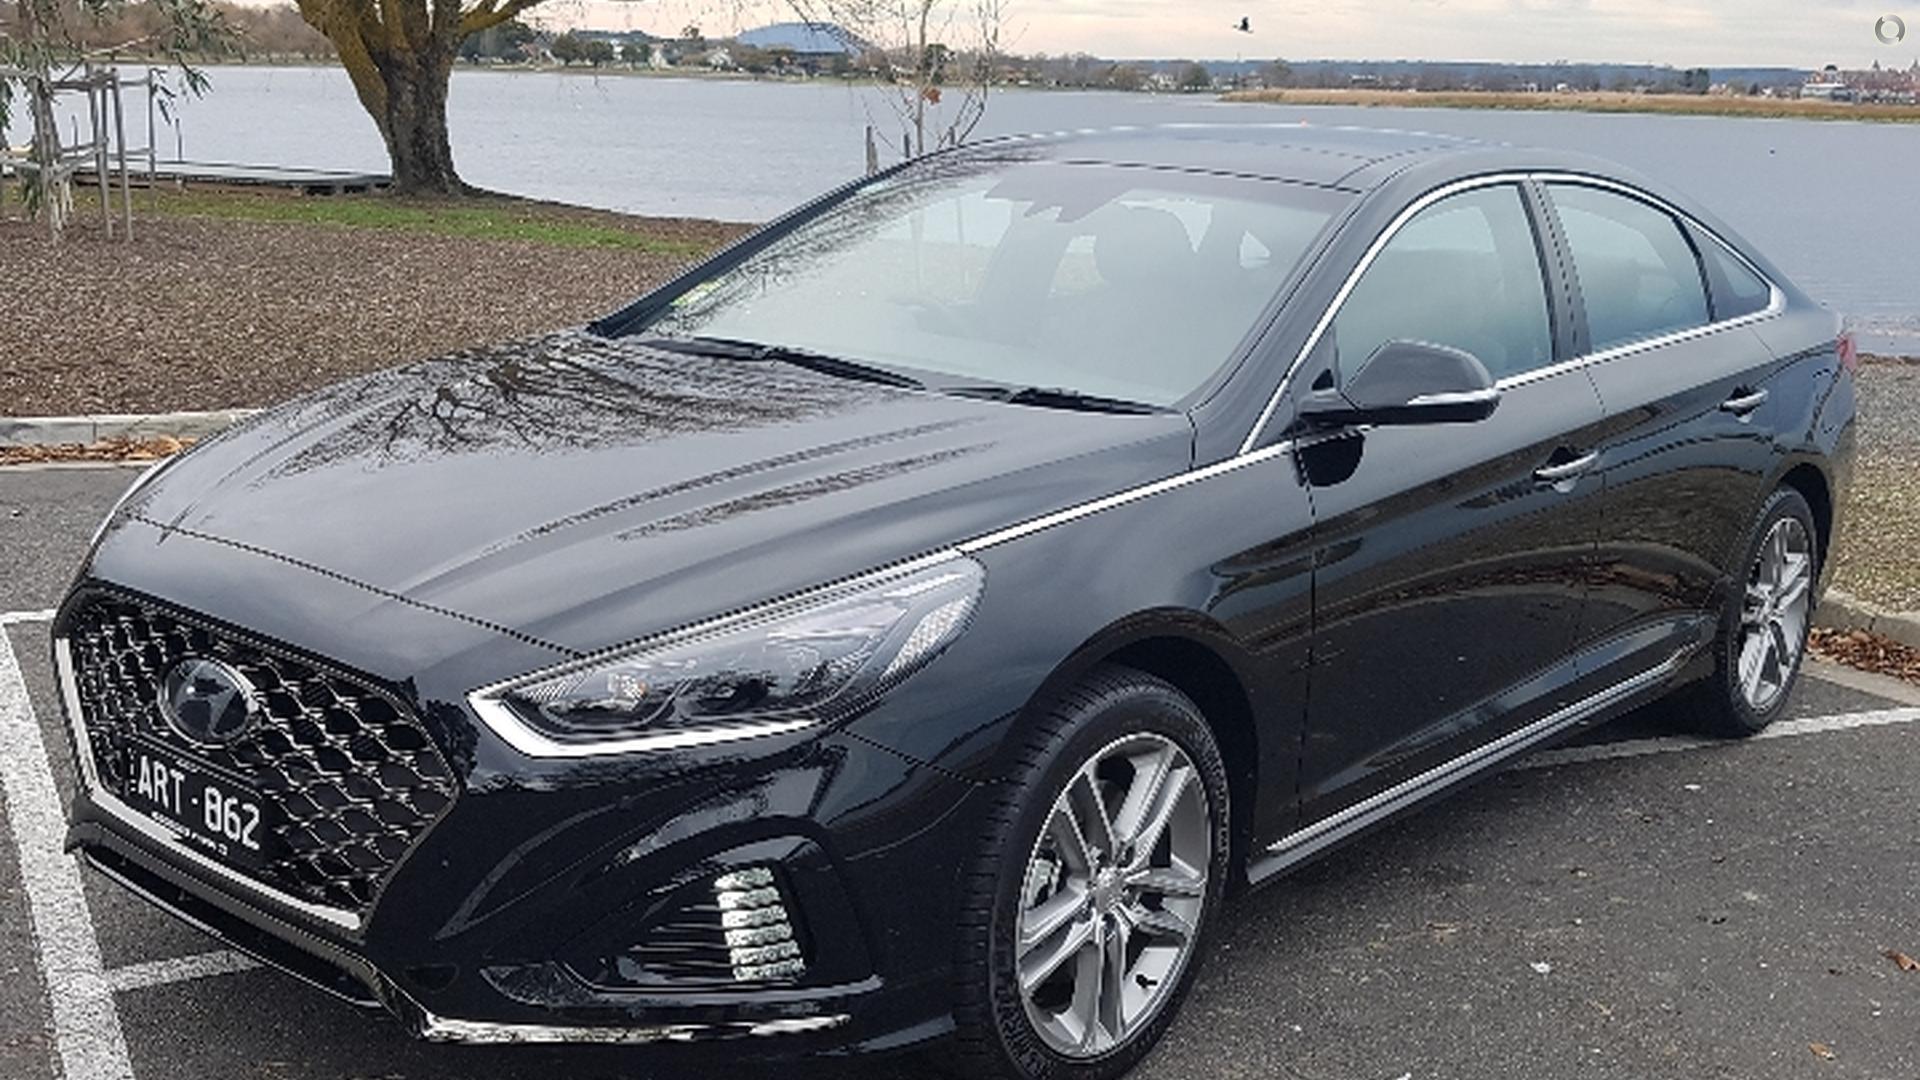 2018 Hyundai Sonata LF4